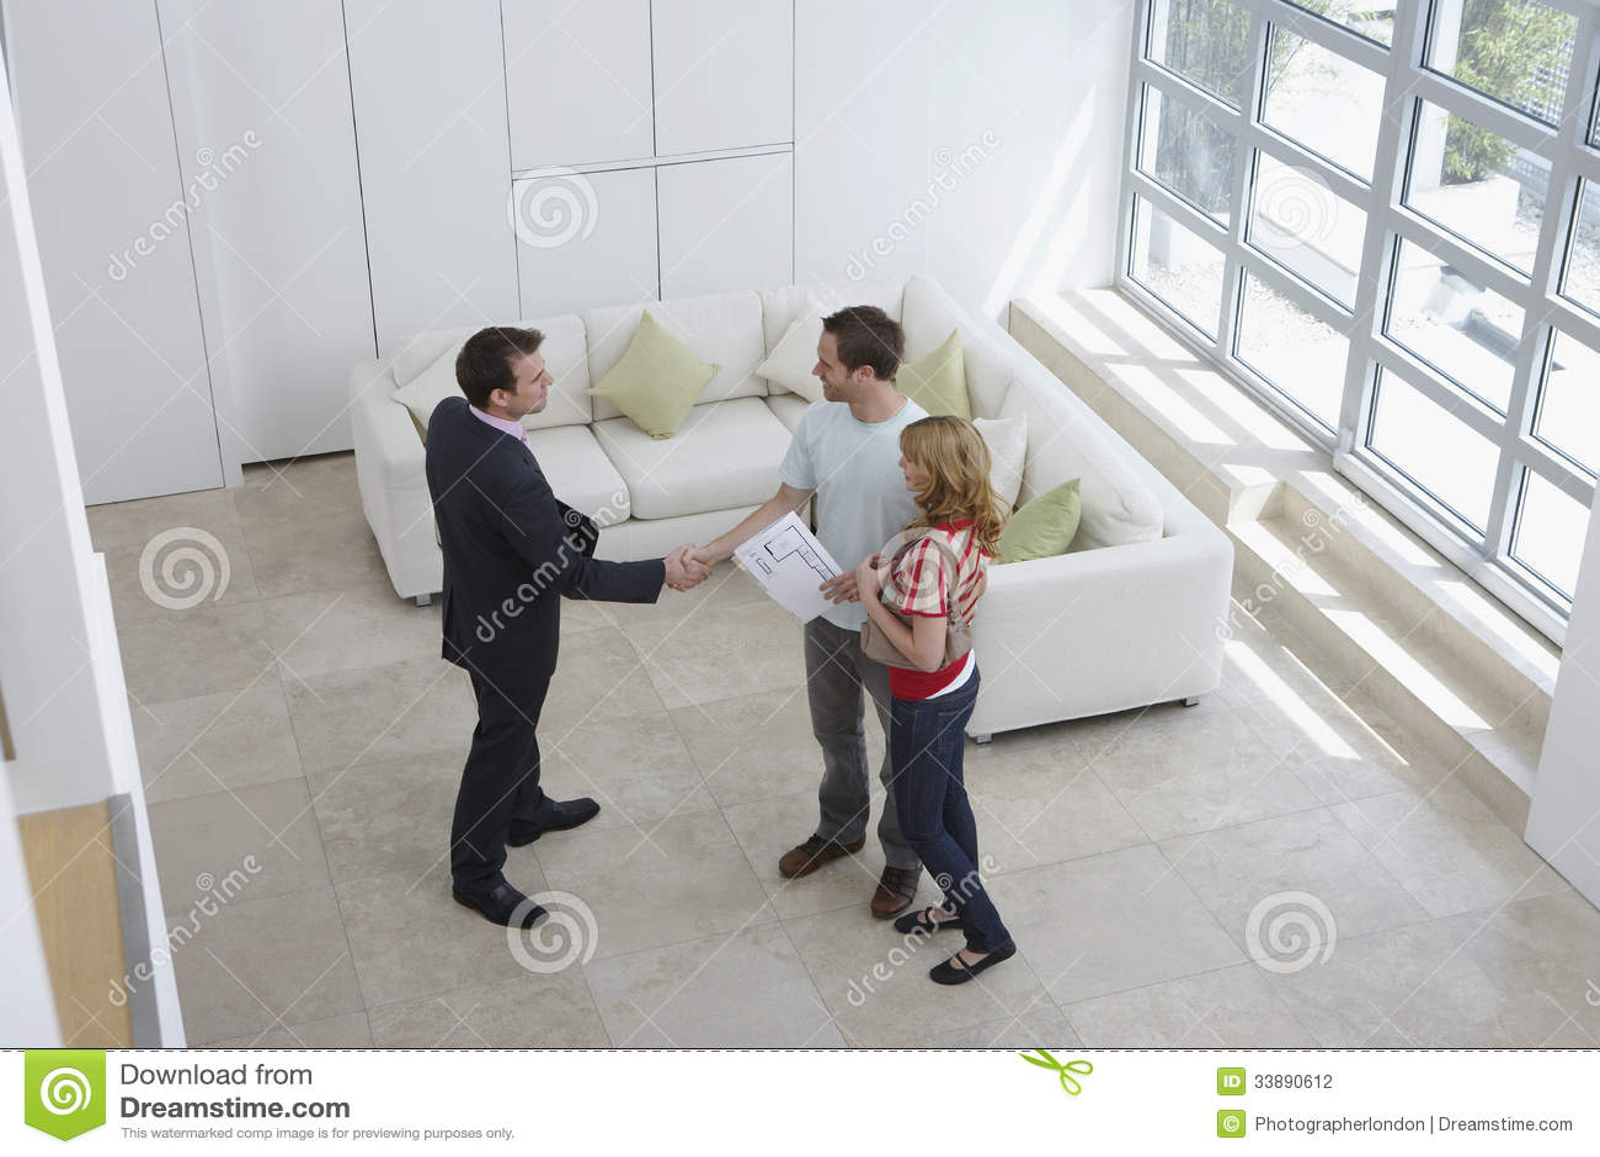 De Man van makelaar in onroerend goedshaking hands with door Vrouw in Nieuw Huis